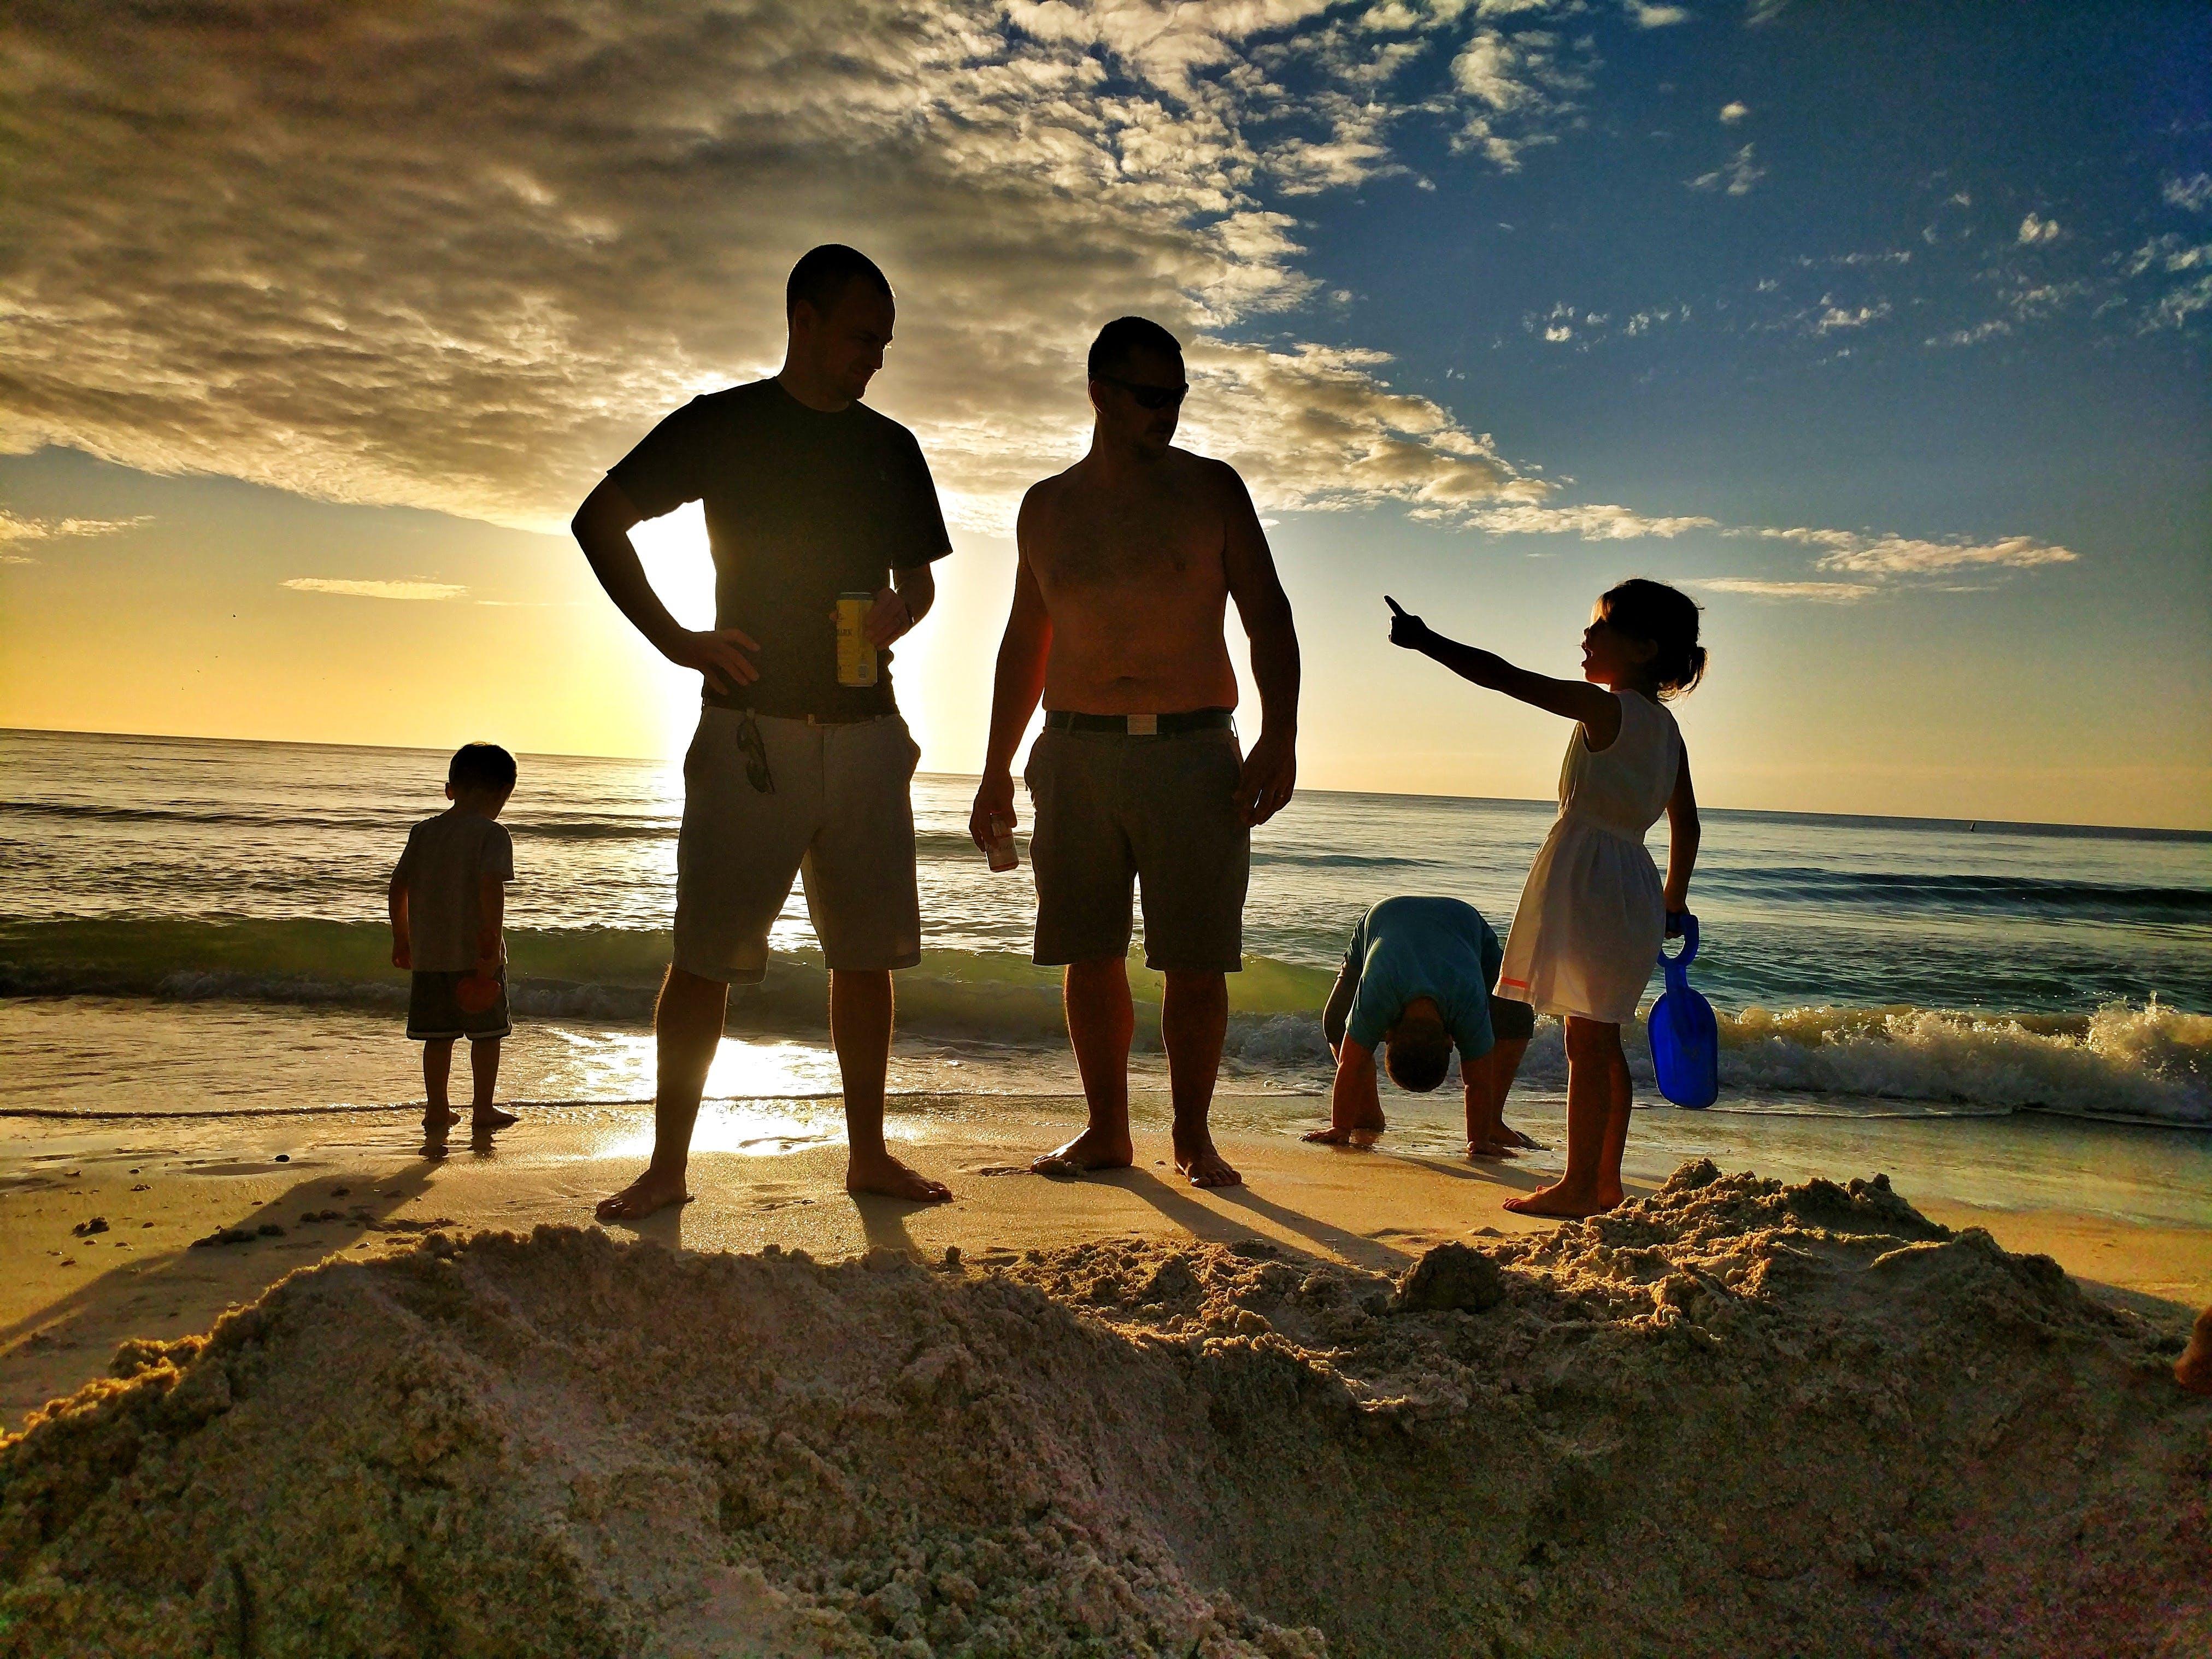 Kostenloses Stock Foto zu blauer himmel, familie, florida, furchtloses mädchen